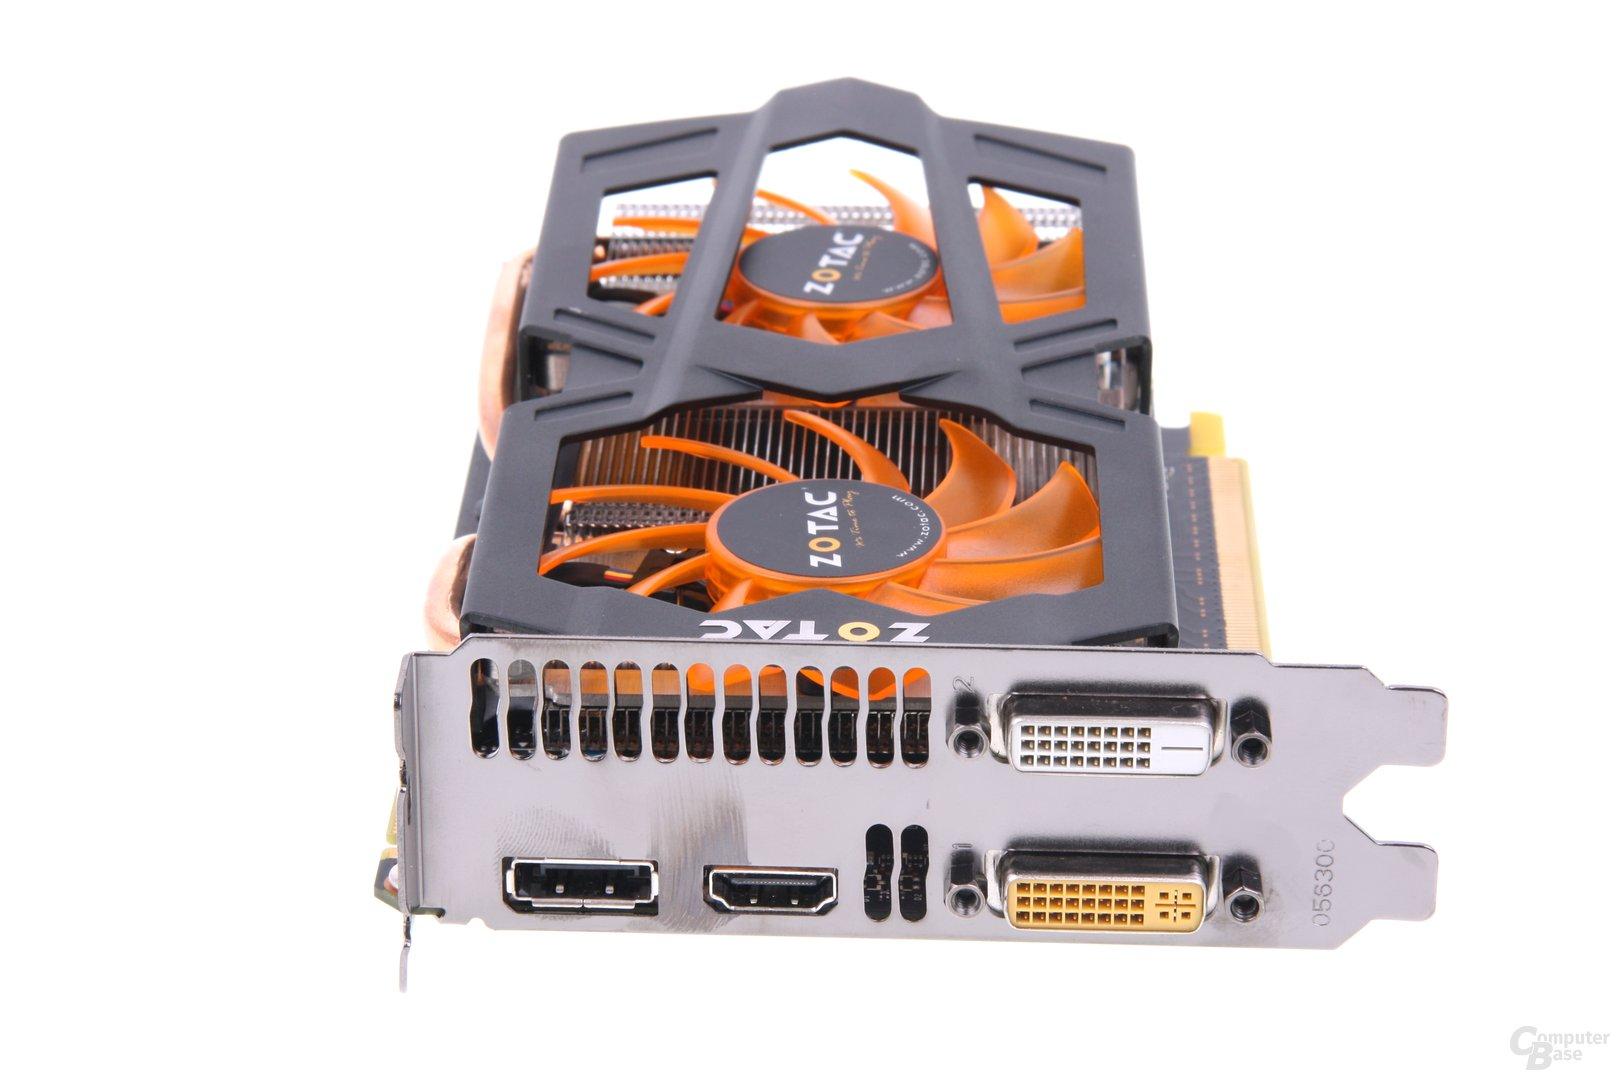 GeForce GTX 660 Slotblech